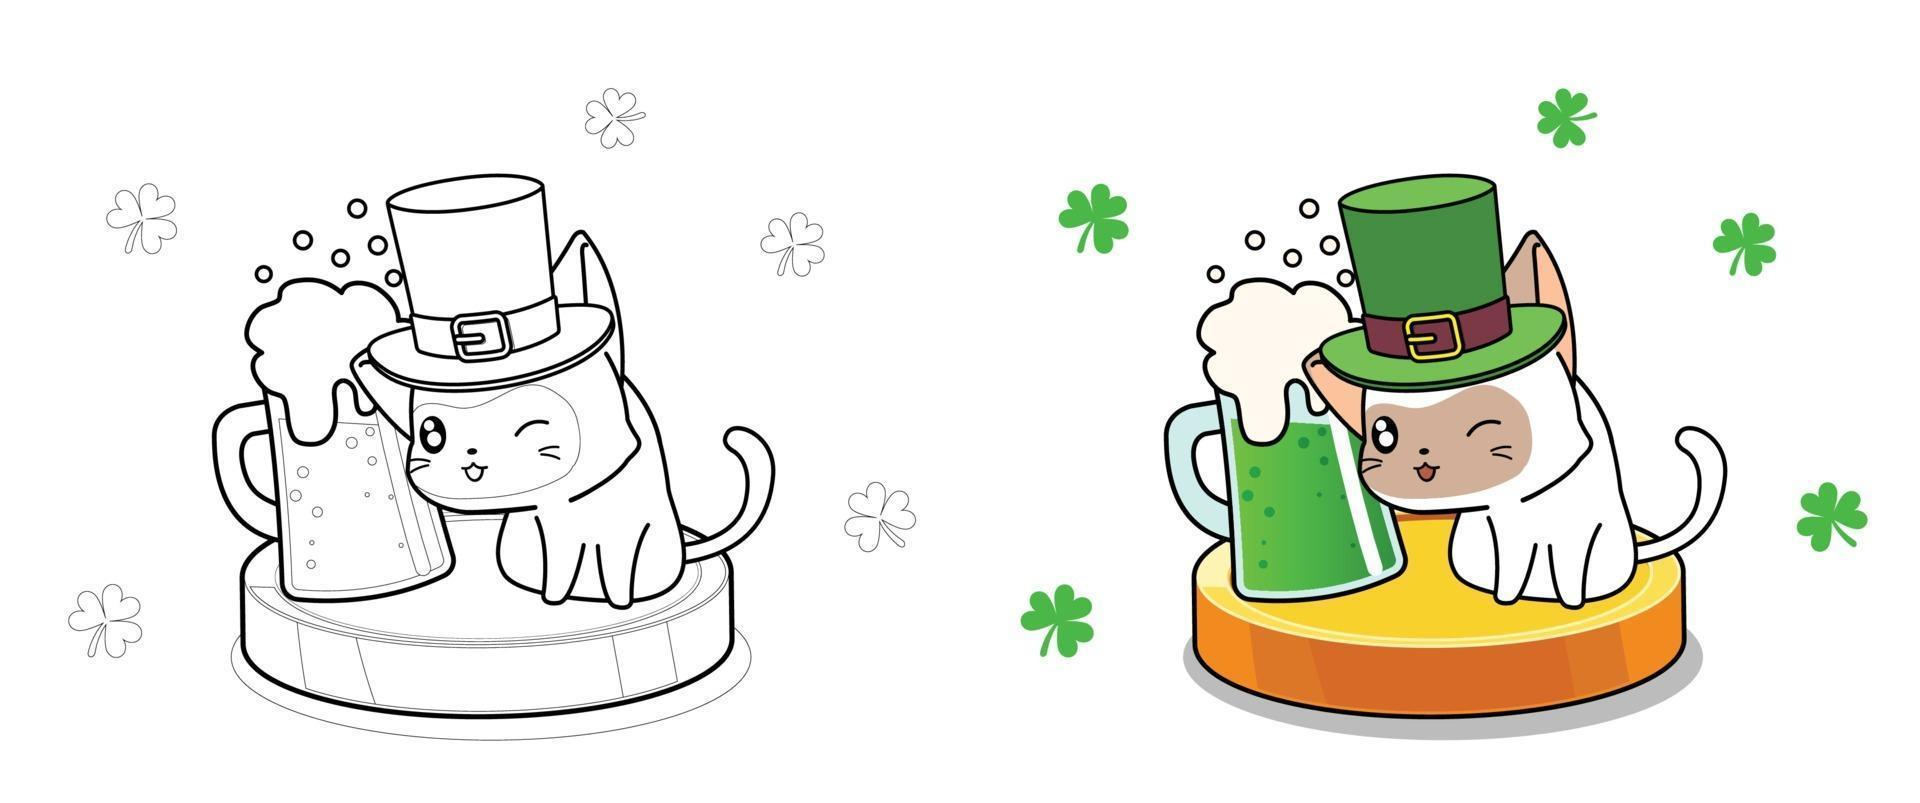 gato en el día de san patricio página para colorear para niños vector